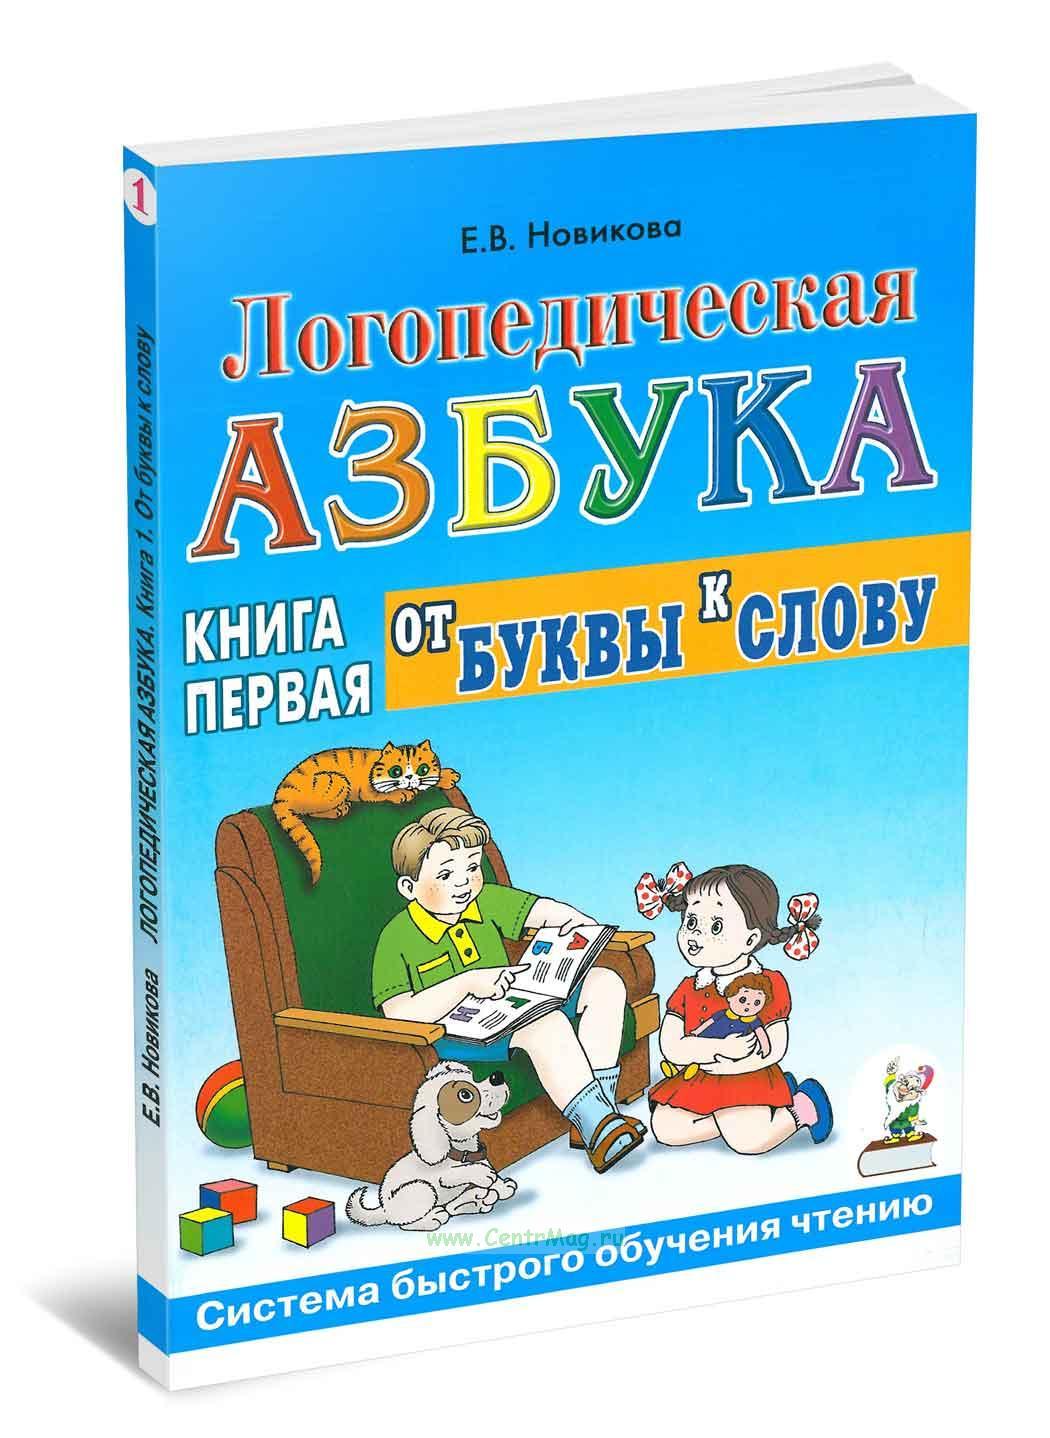 Логопедическая азбука. Система быстрого обучения чтению. В 2 книгах. Книга 1. От буквы к слову